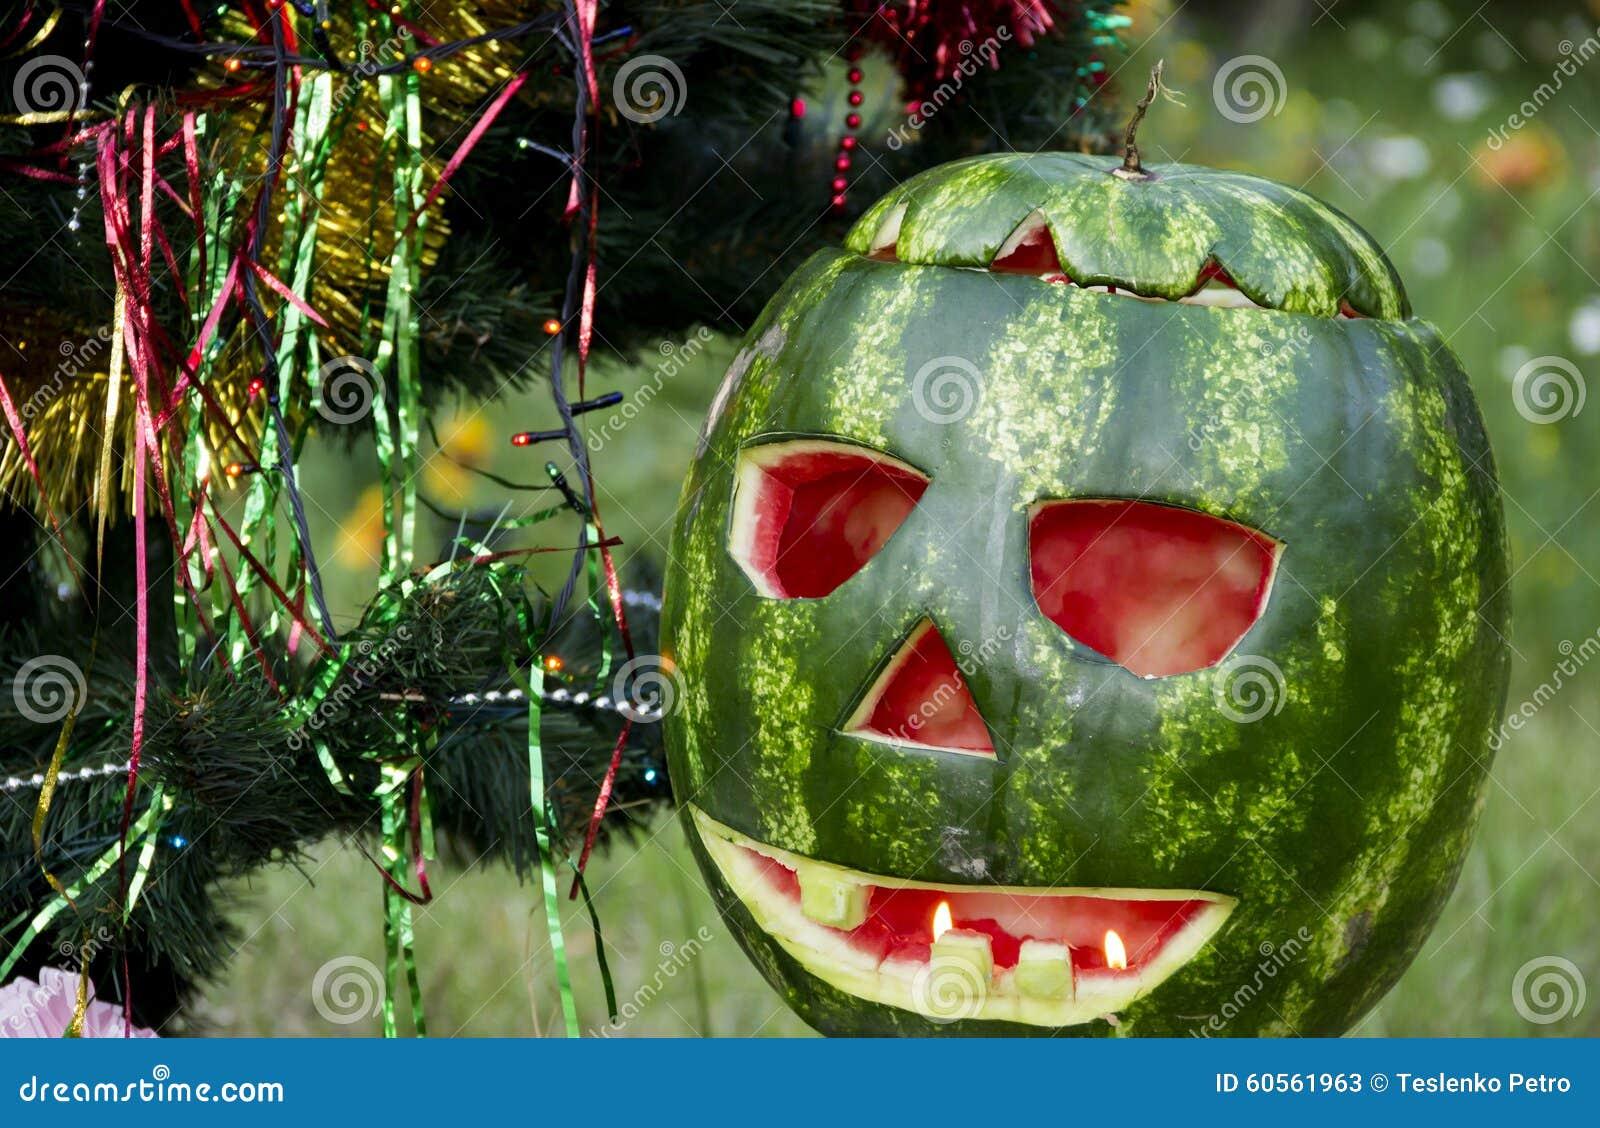 pastèque de halloweens sous l'arbre de noël image stock - image du